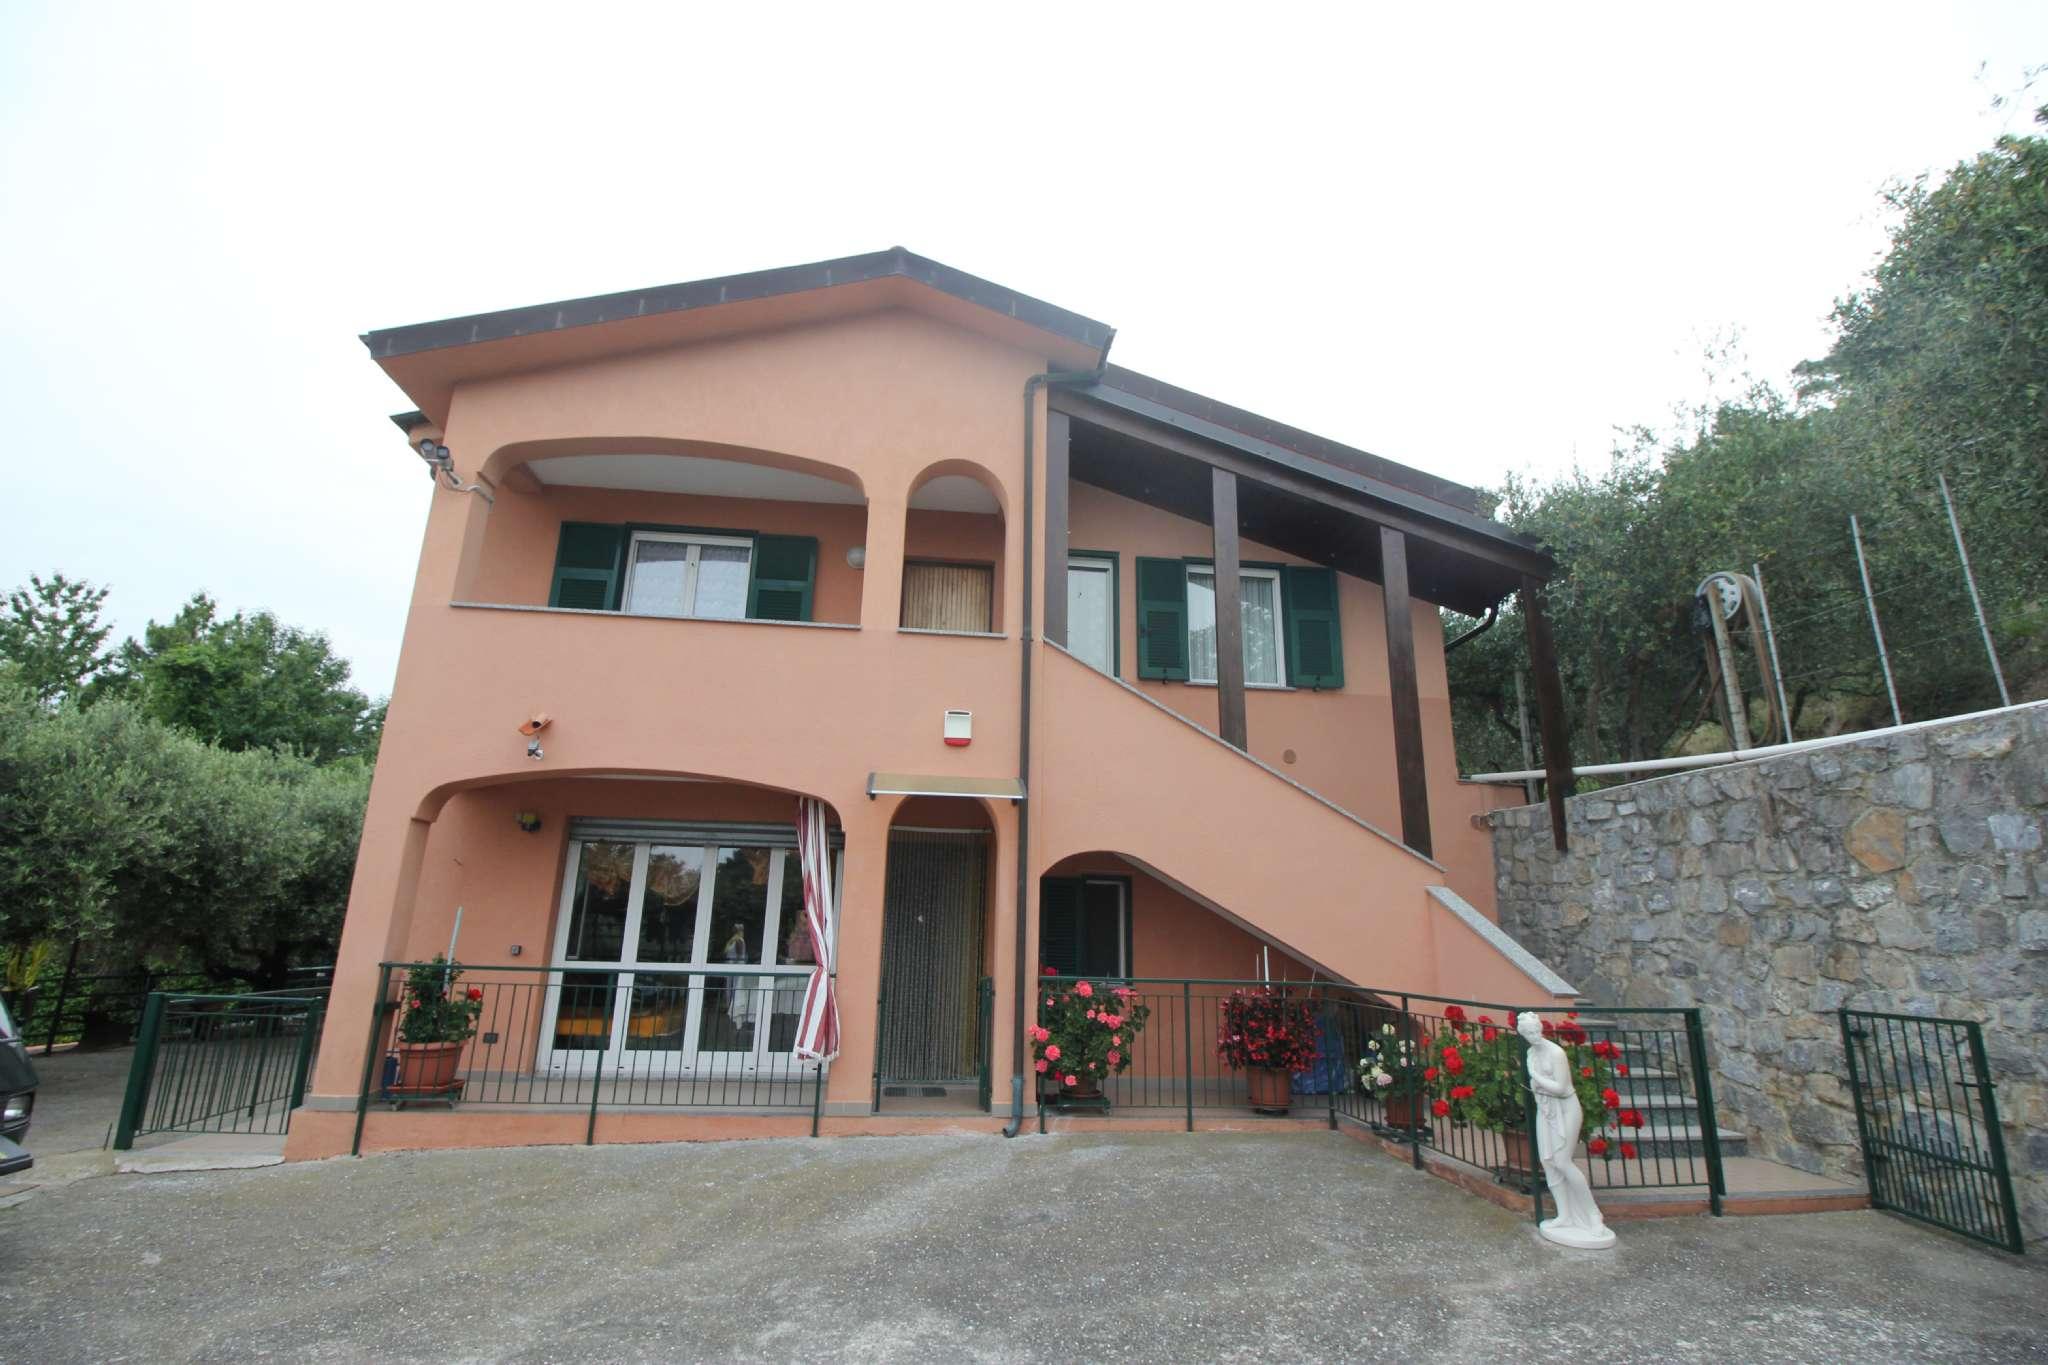 Soluzione Indipendente in vendita a Magliolo, 14 locali, prezzo € 598.000 | CambioCasa.it